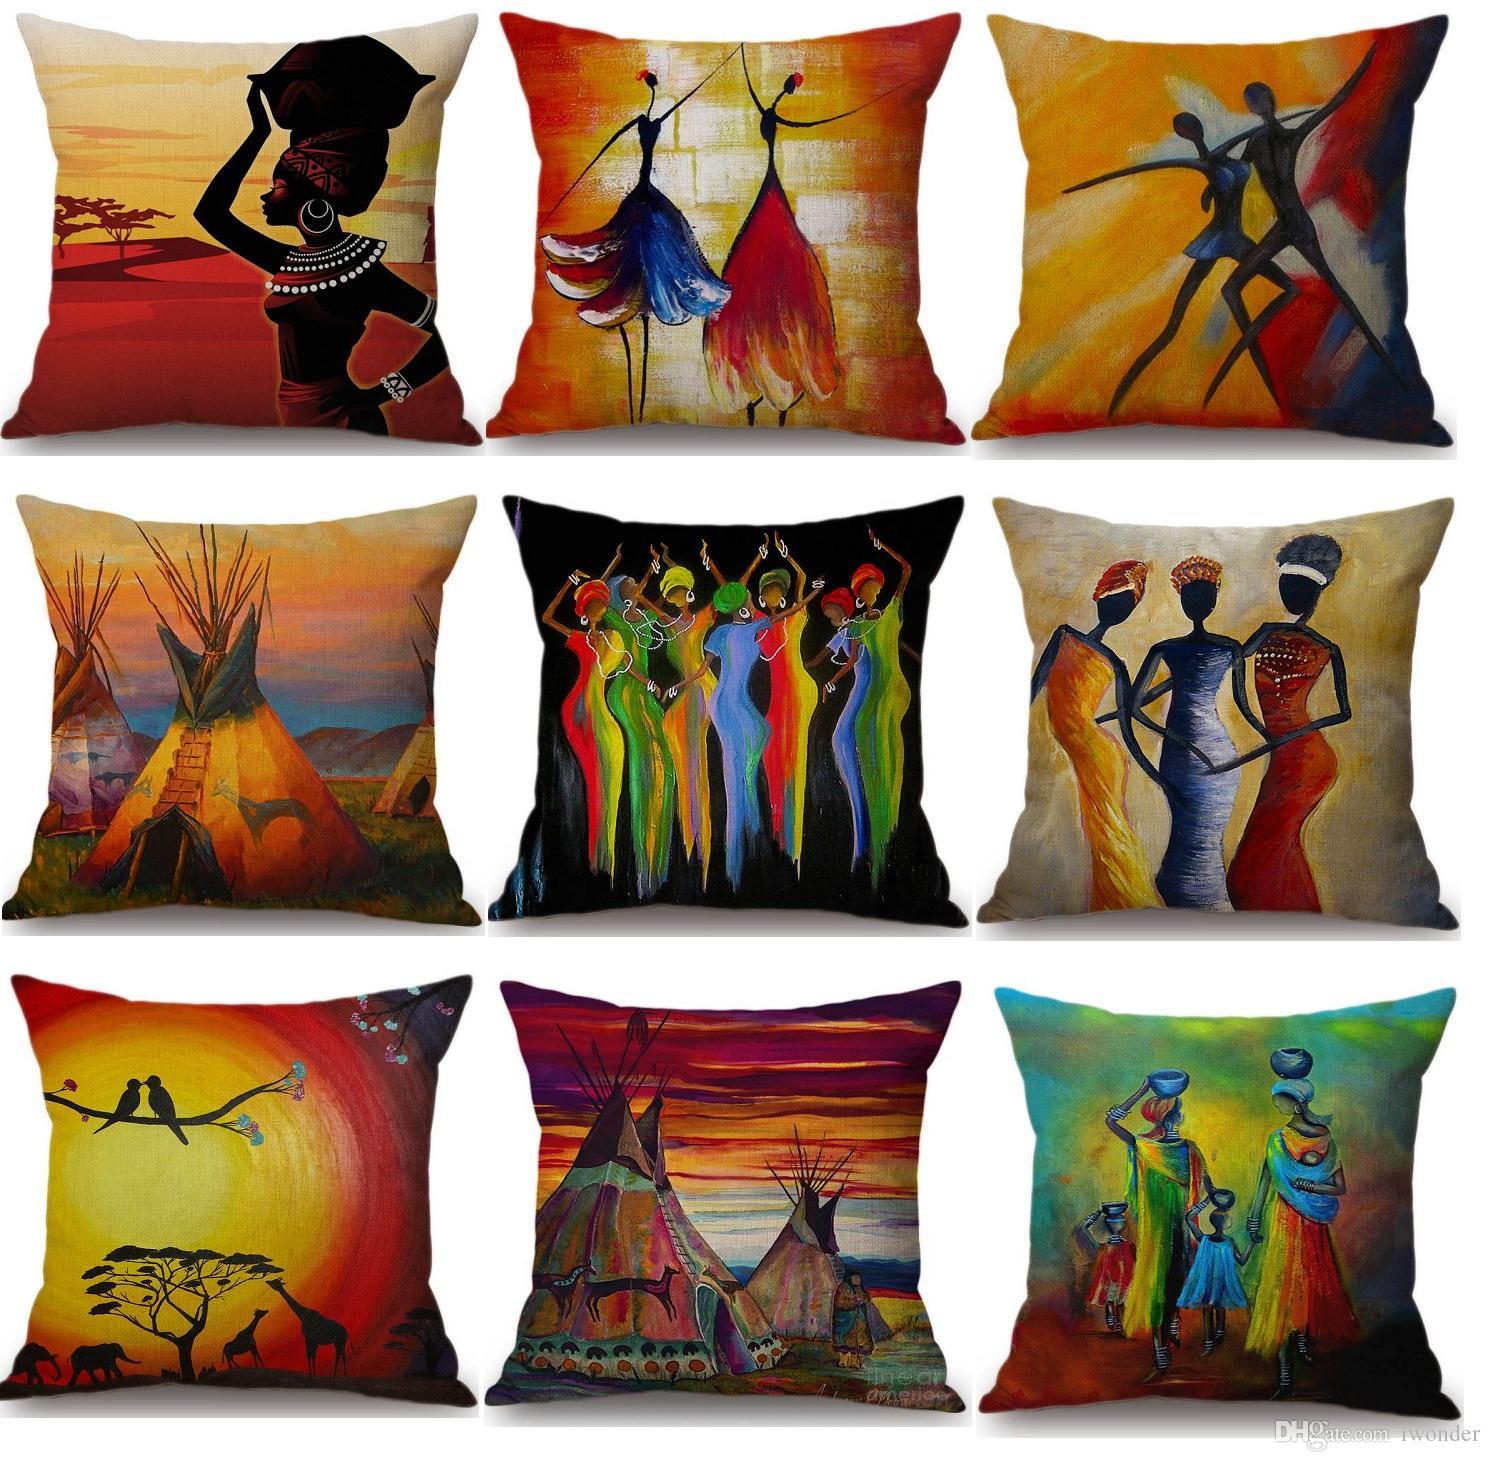 Afrika Malerei Kunst afrikanischen Eindruck exotische Dekoration Stil  Kissenbezug 15 Arten Leinen Ölgemälde Kissenbezug Schlafzimmer Sofa Dekor